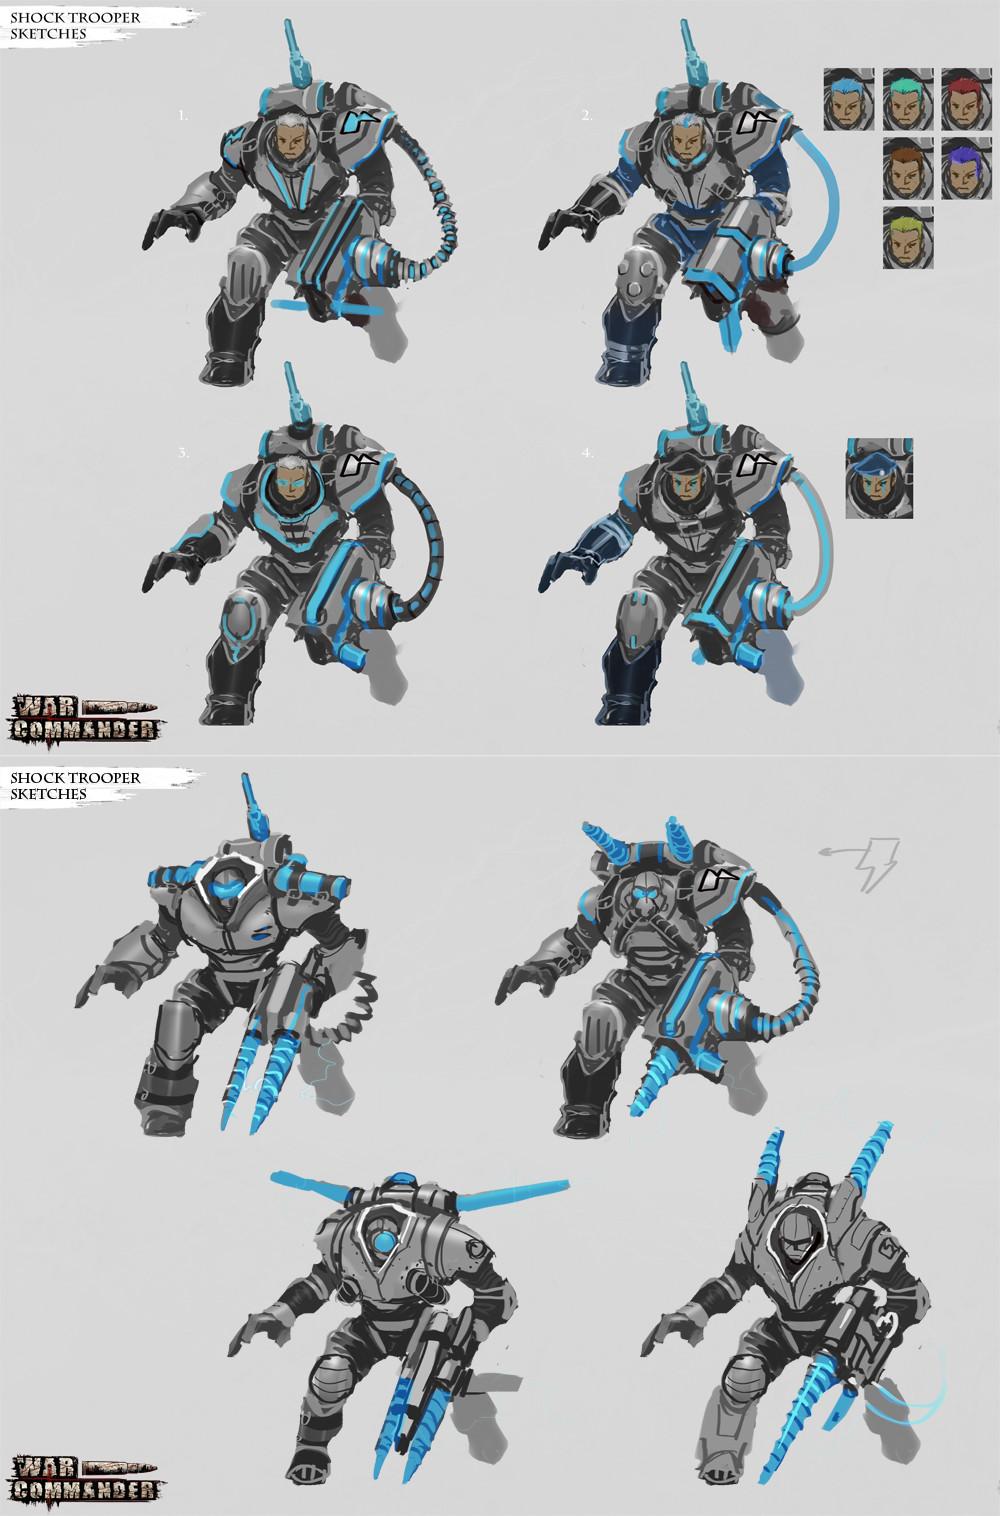 Shock Trooper rough concepts.